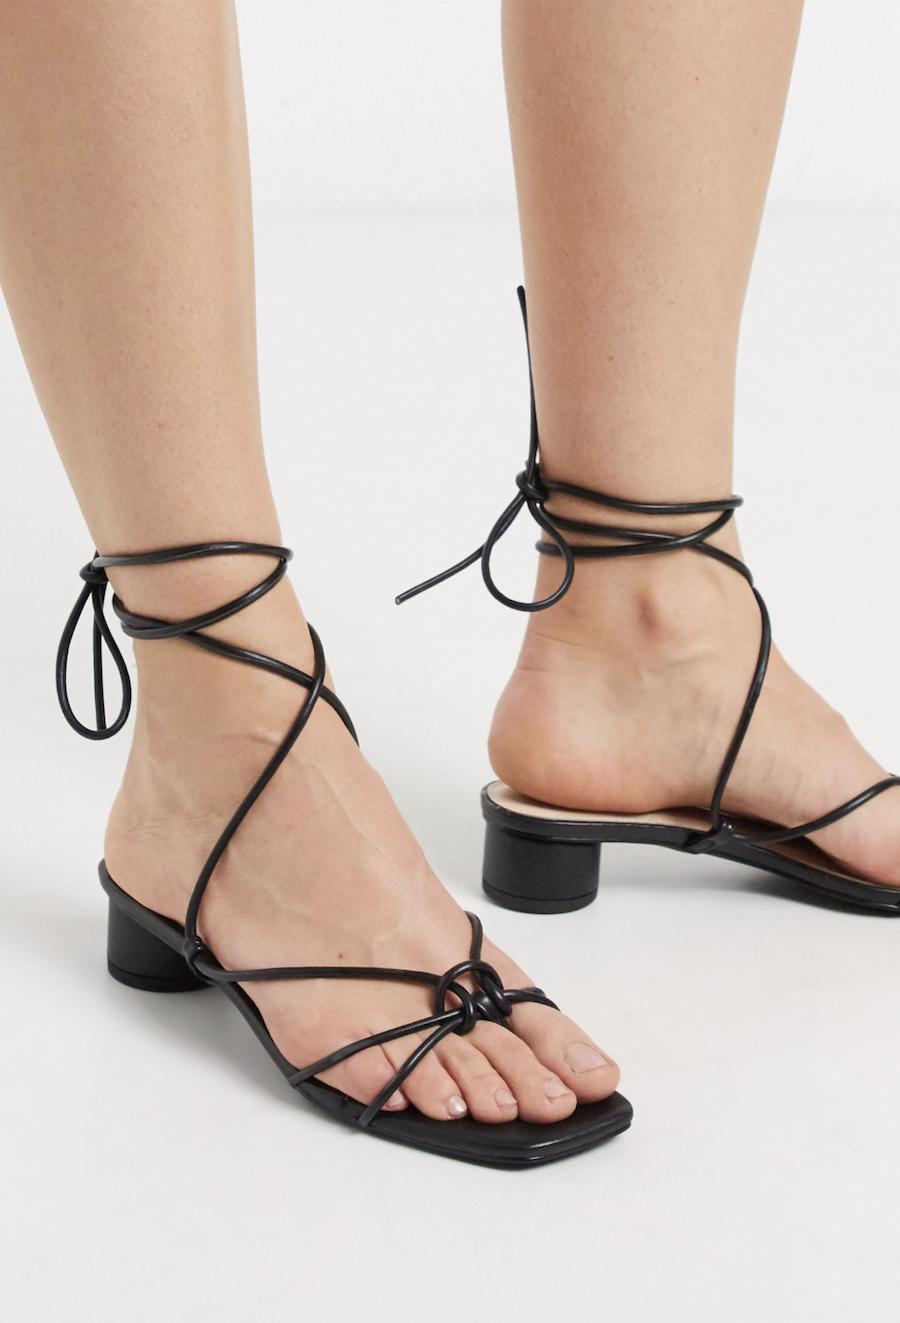 Sandalias de tacón con tiras en negro Isobel de RAID